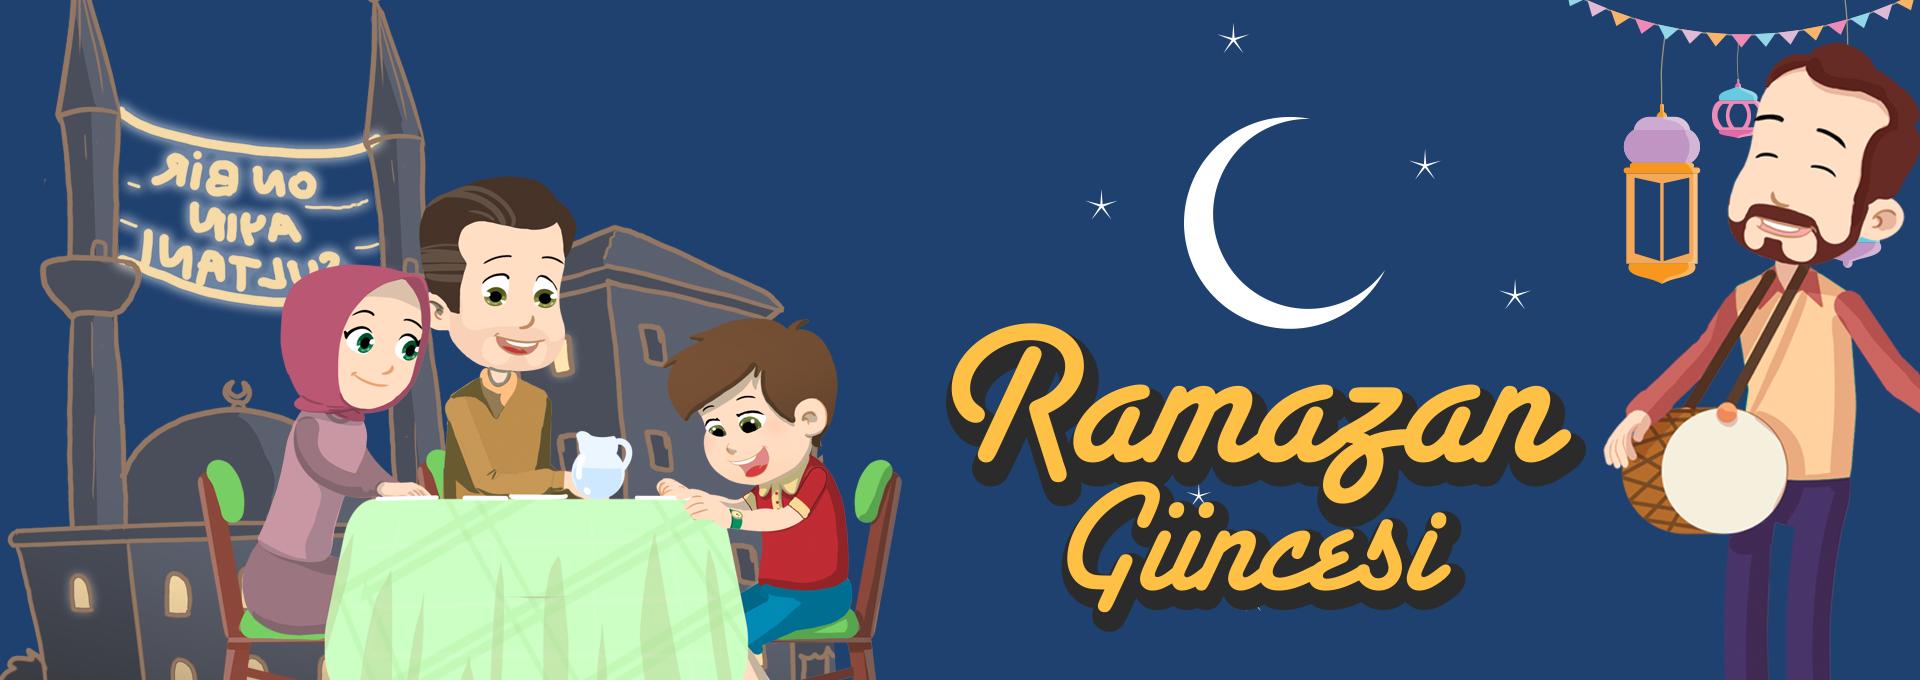 Ramazan'da Oyun, Etkinlik, Günlük Önerileri